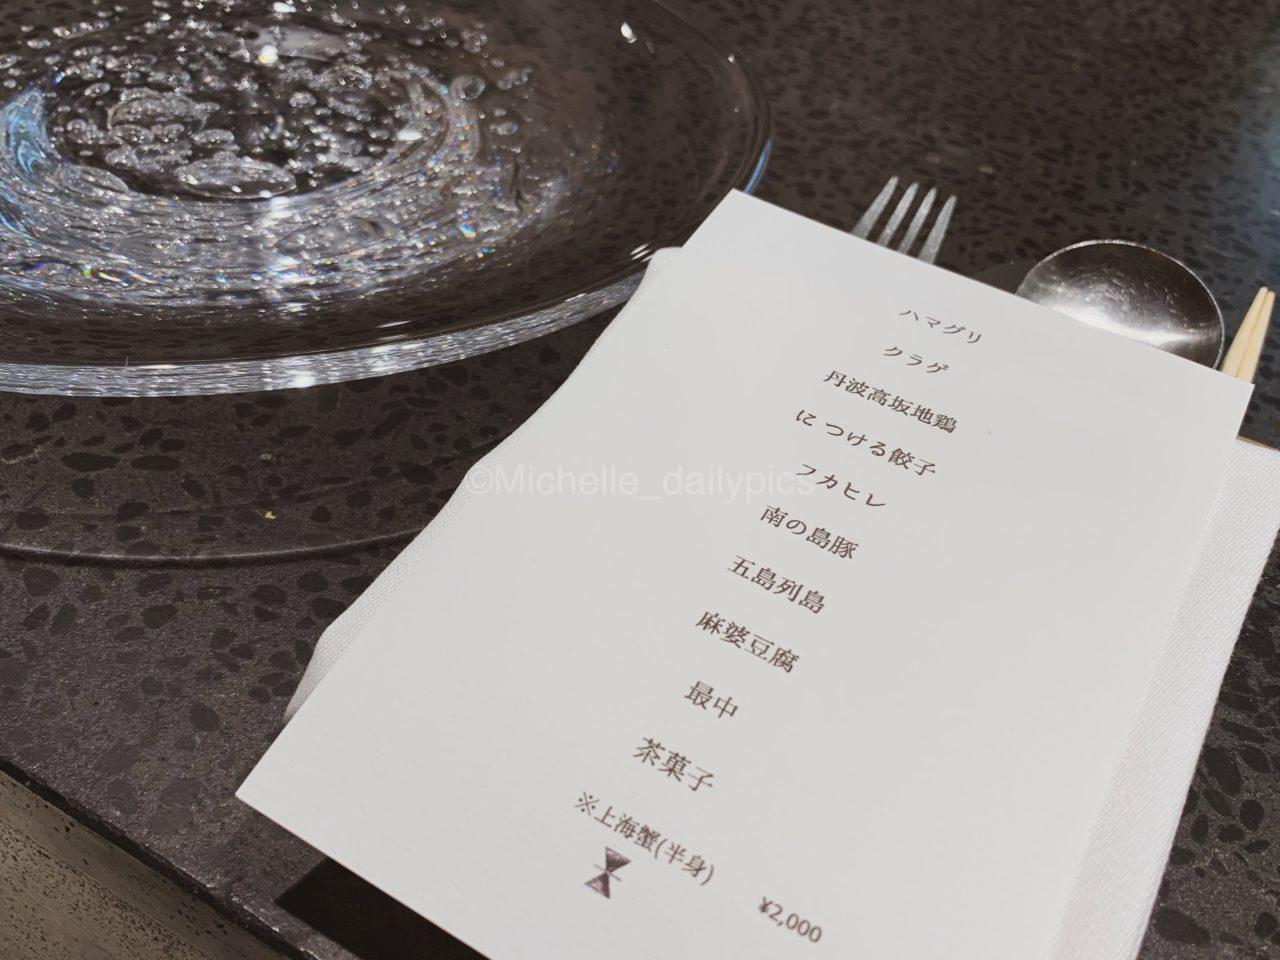 img 5016 - 鎌倉美食巡り - 和の空間でいただく中華「イチリンハナレ」